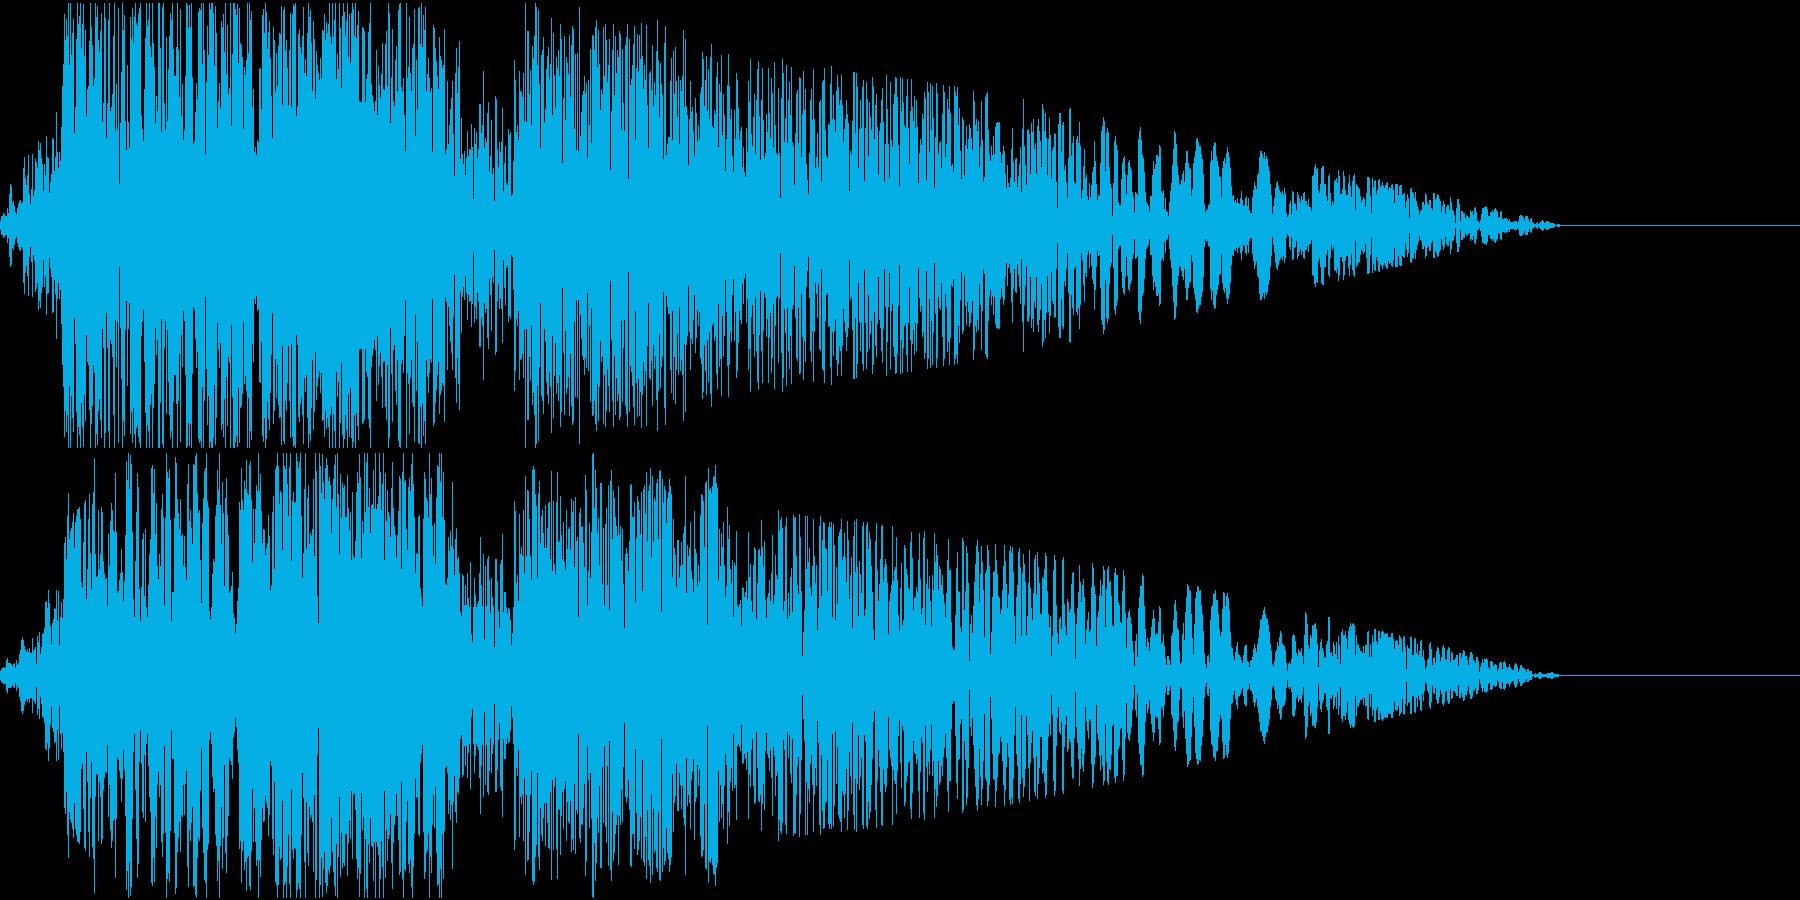 ロボット_ガショイーン_中型サイズの足音の再生済みの波形